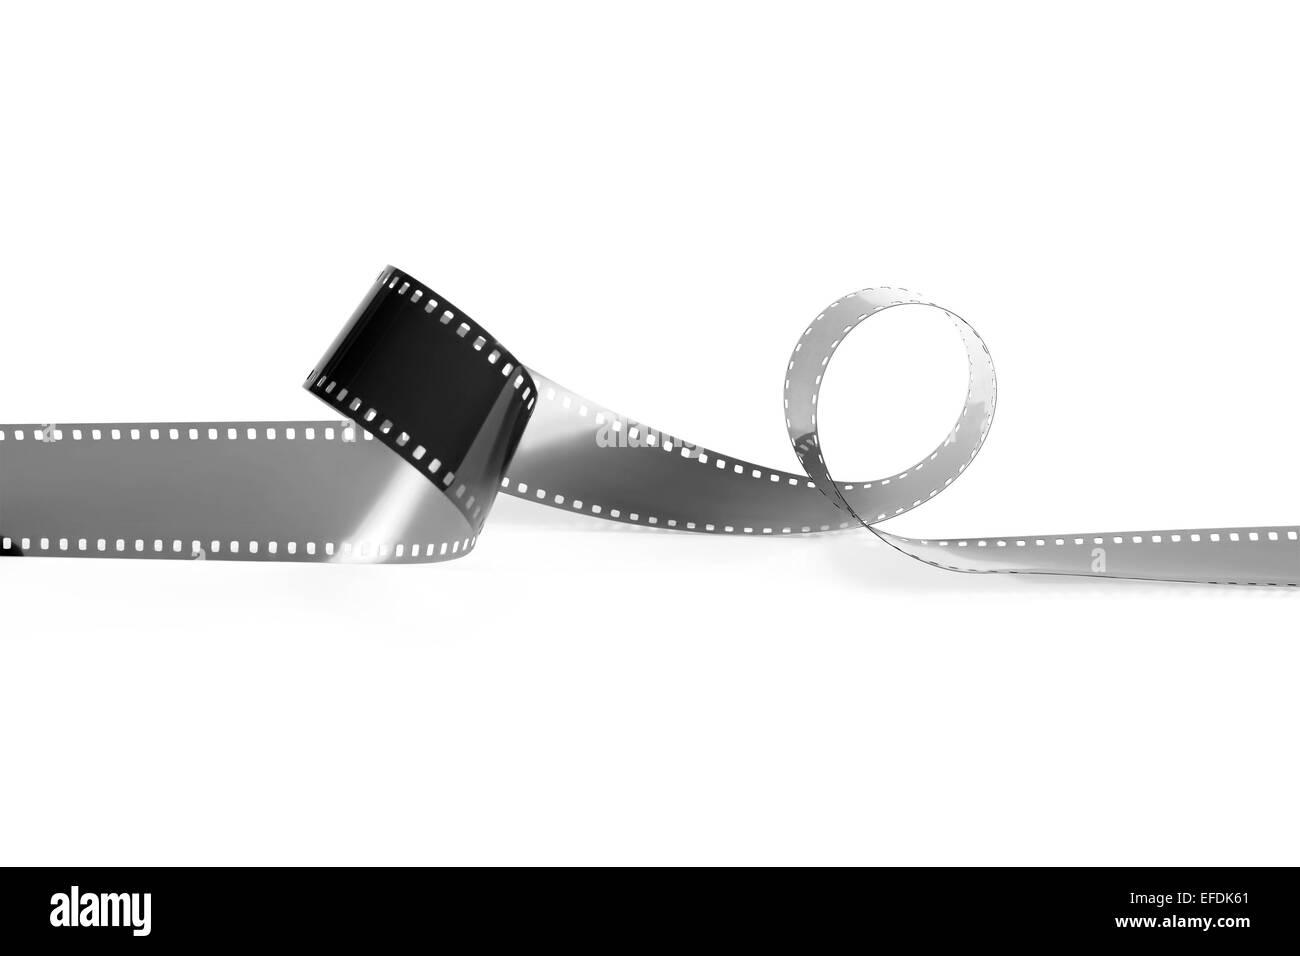 Film du monochrome vide caméra analogique sur un fond blanc. Il est isolé, le travailleur des chemins est présent. Banque D'Images